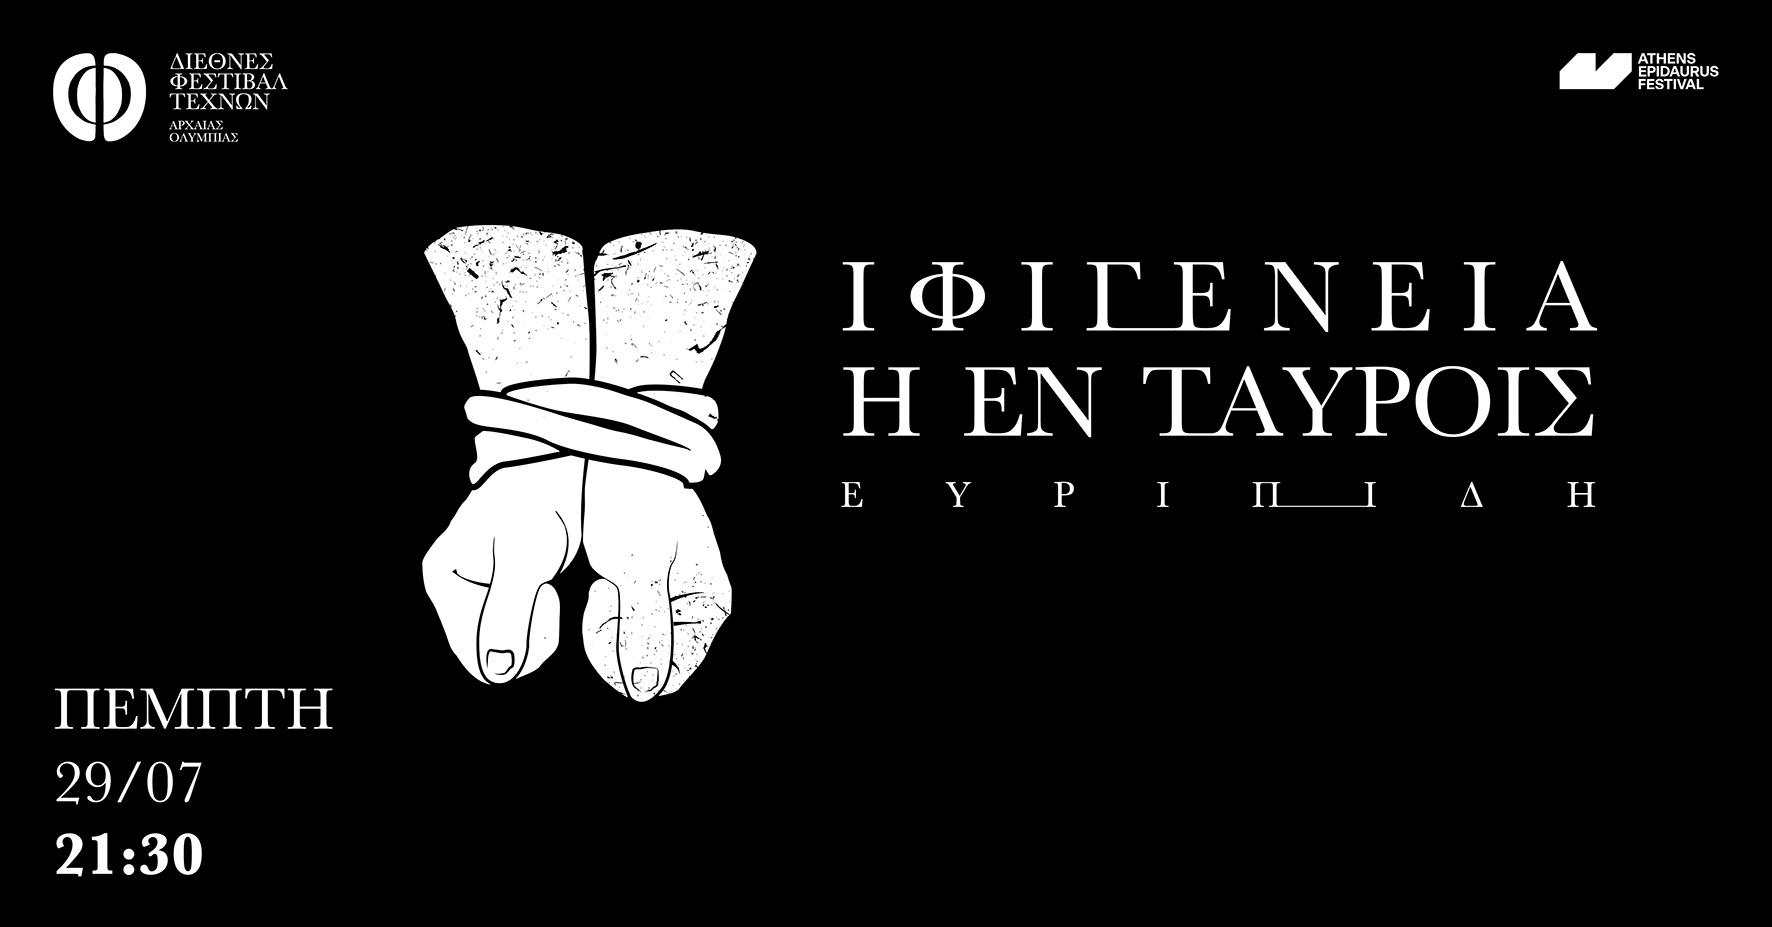 Διεθνές Φεστιβάλ Τεχνών Αρχαίας Ολυμπίας: «Ιφιγένεια η εν Ταύροις» στο θέατρο Φλόκα- Παράσταση αρχαίου δράματος με αγγλικούς υπέρτιτλους, την Πέμπτη 29/7